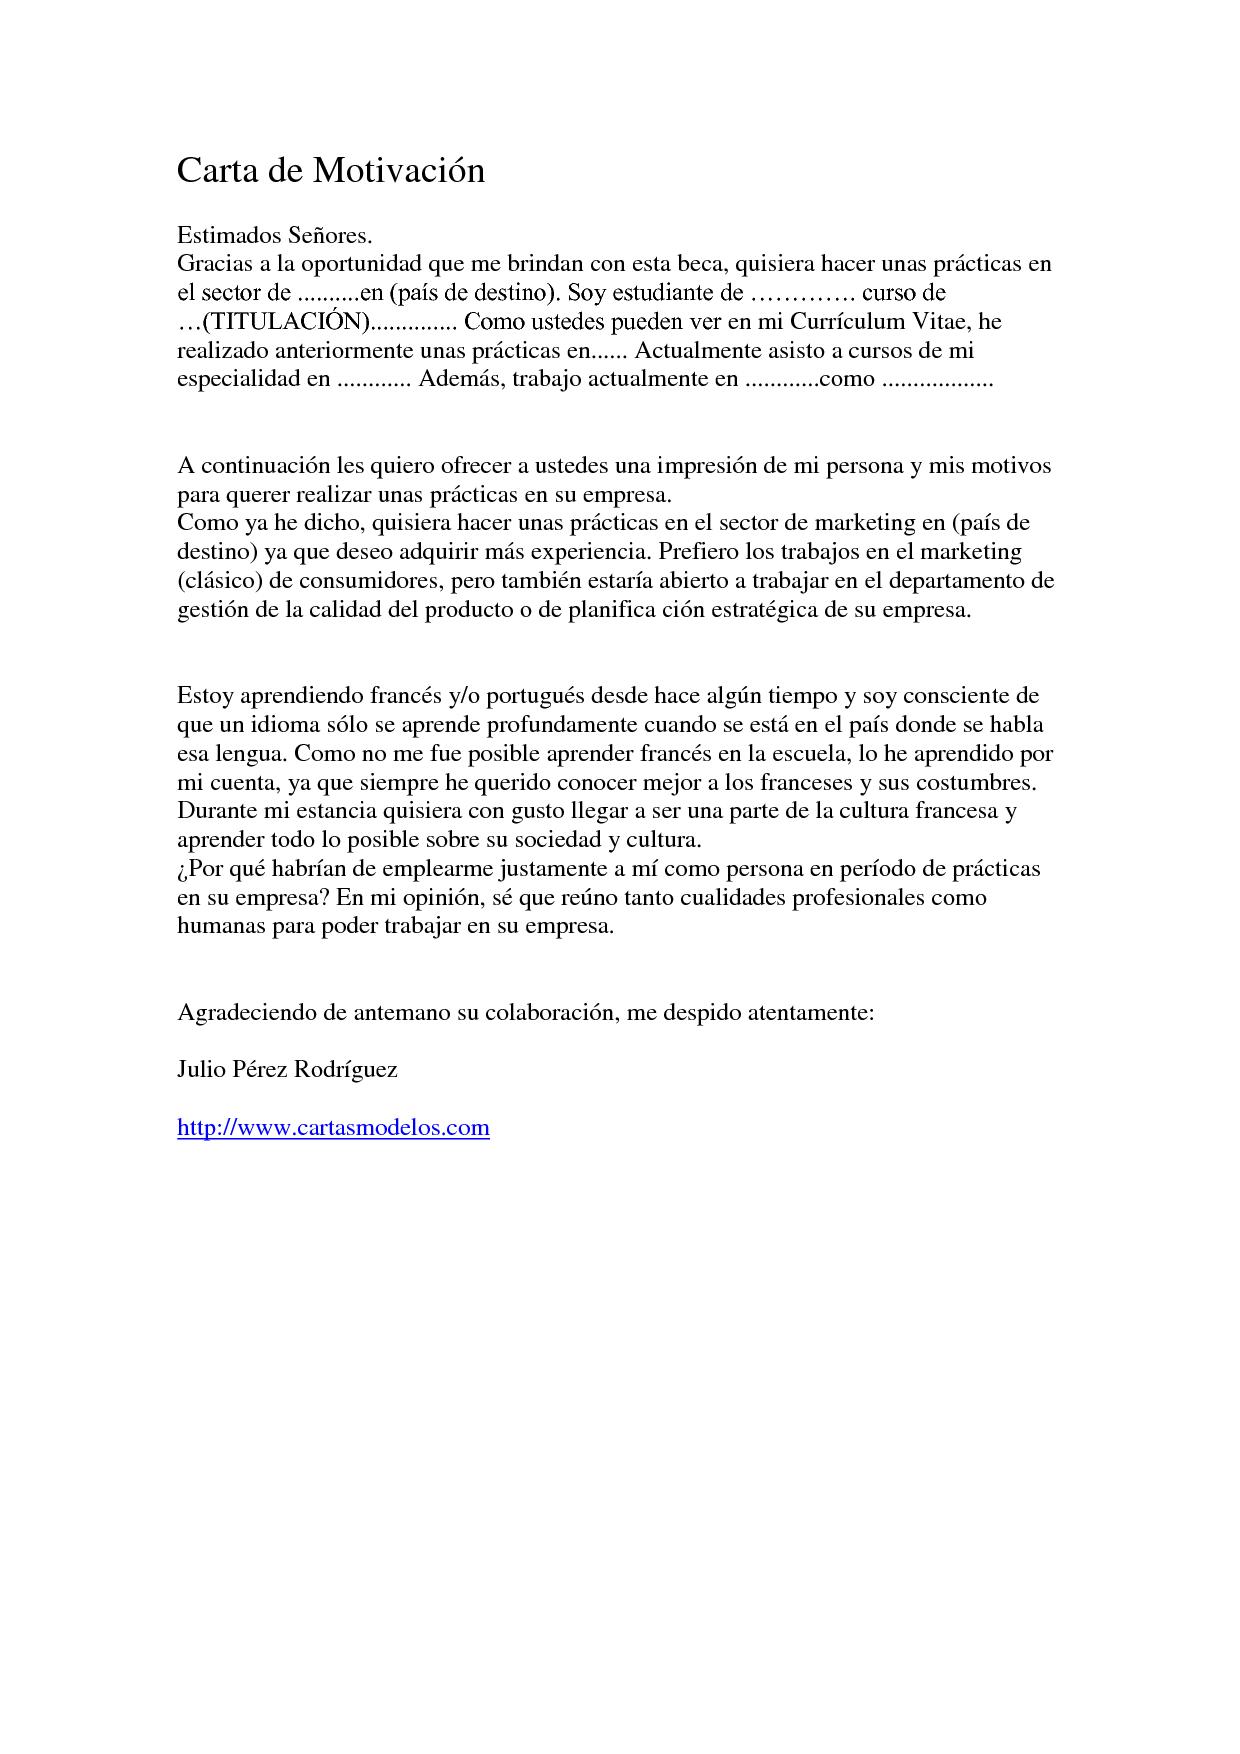 Carta de motivación | Ejemplos de